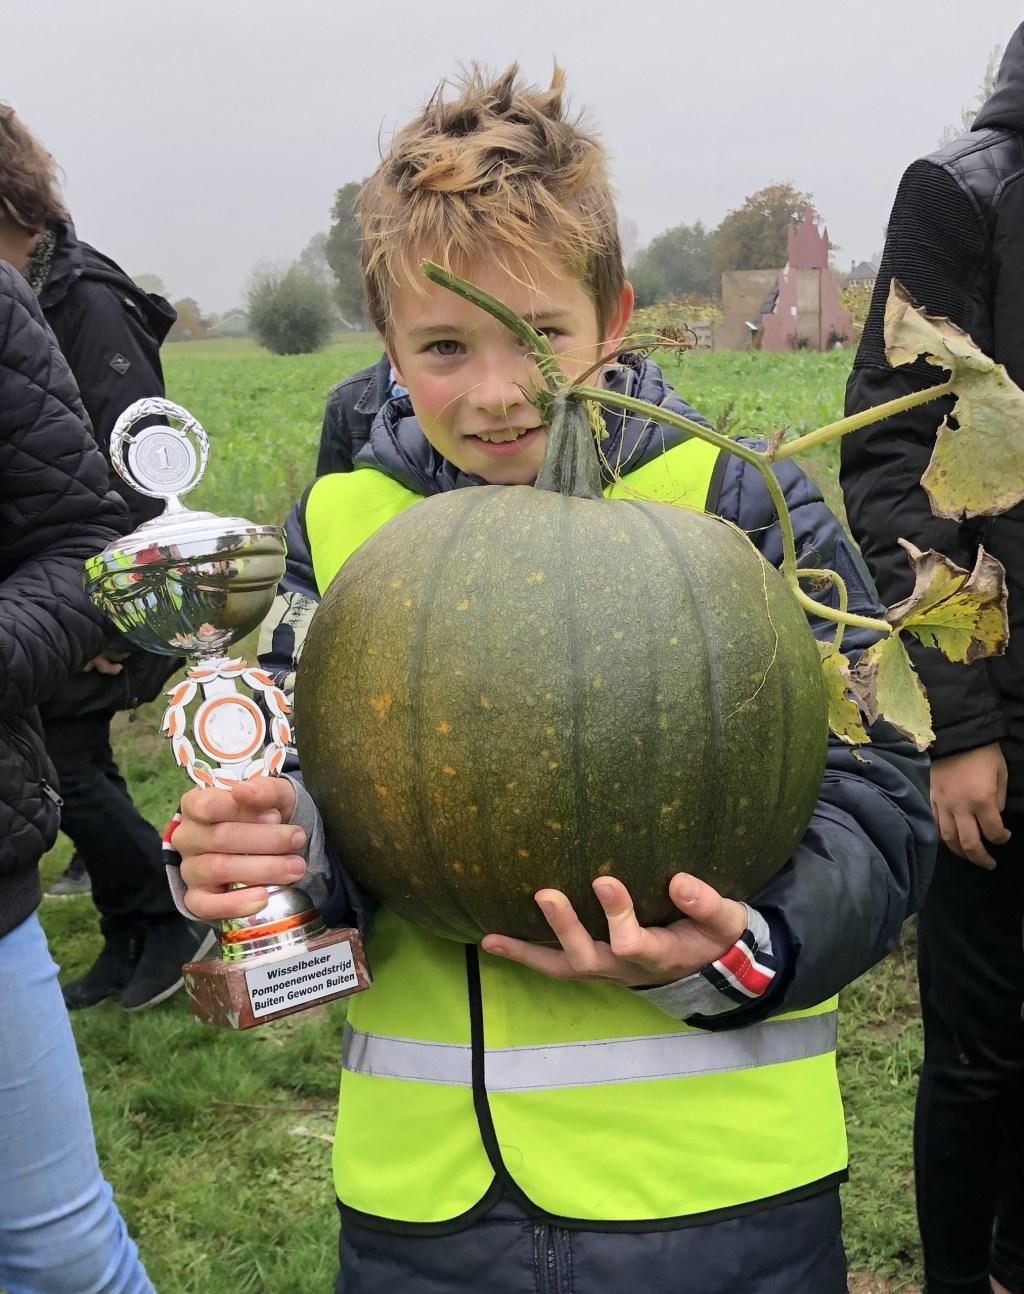 Guus van Beek wint met een pompoen van7,9 kilogram. Foto: Mieke Smit  © Achterhoek Nieuws b.v.